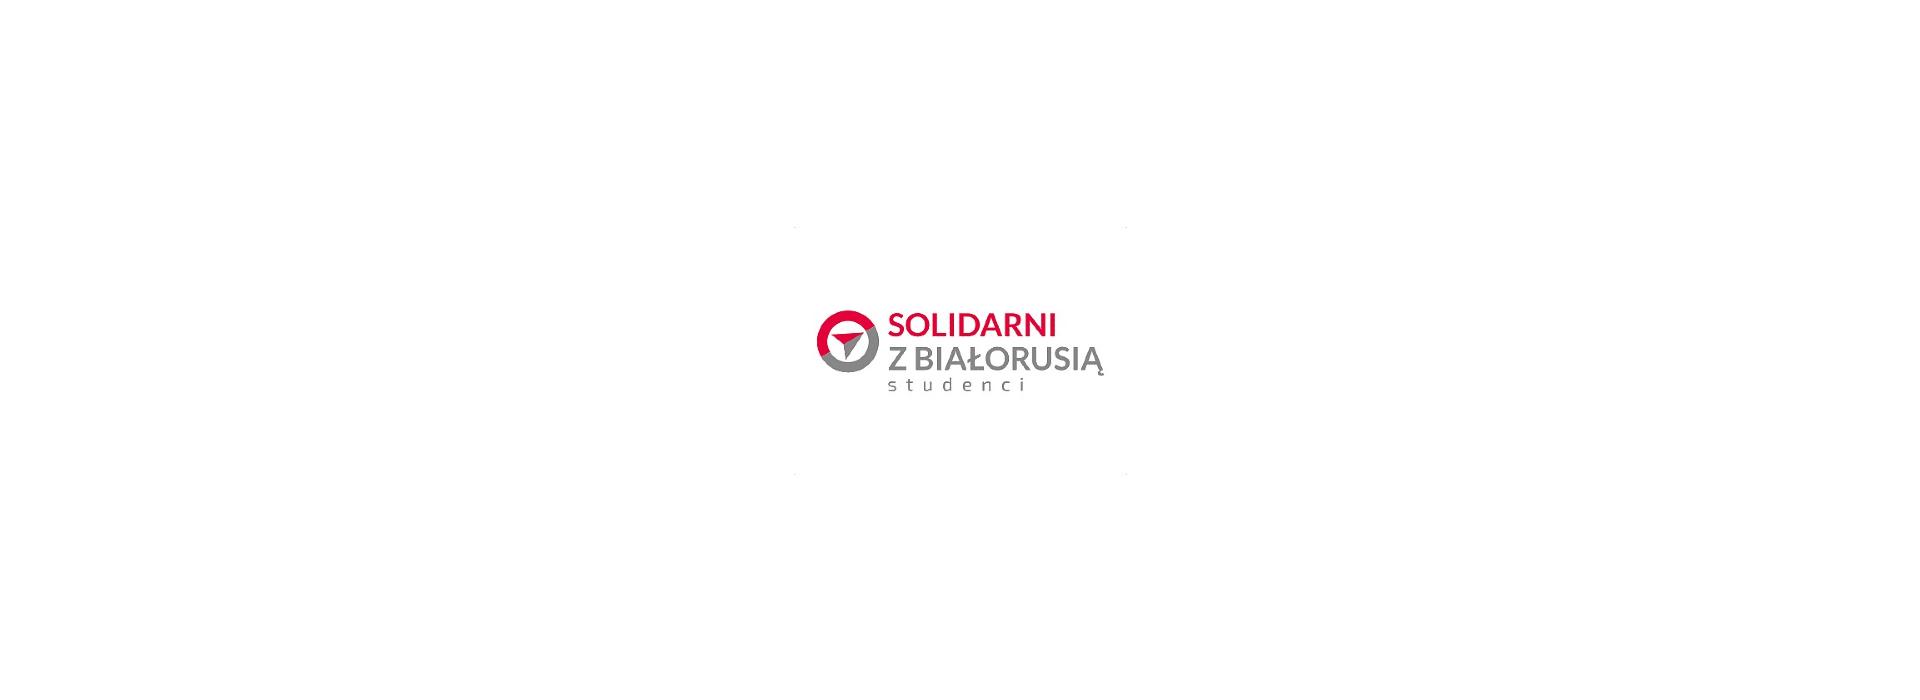 solidarni_slider.jpg